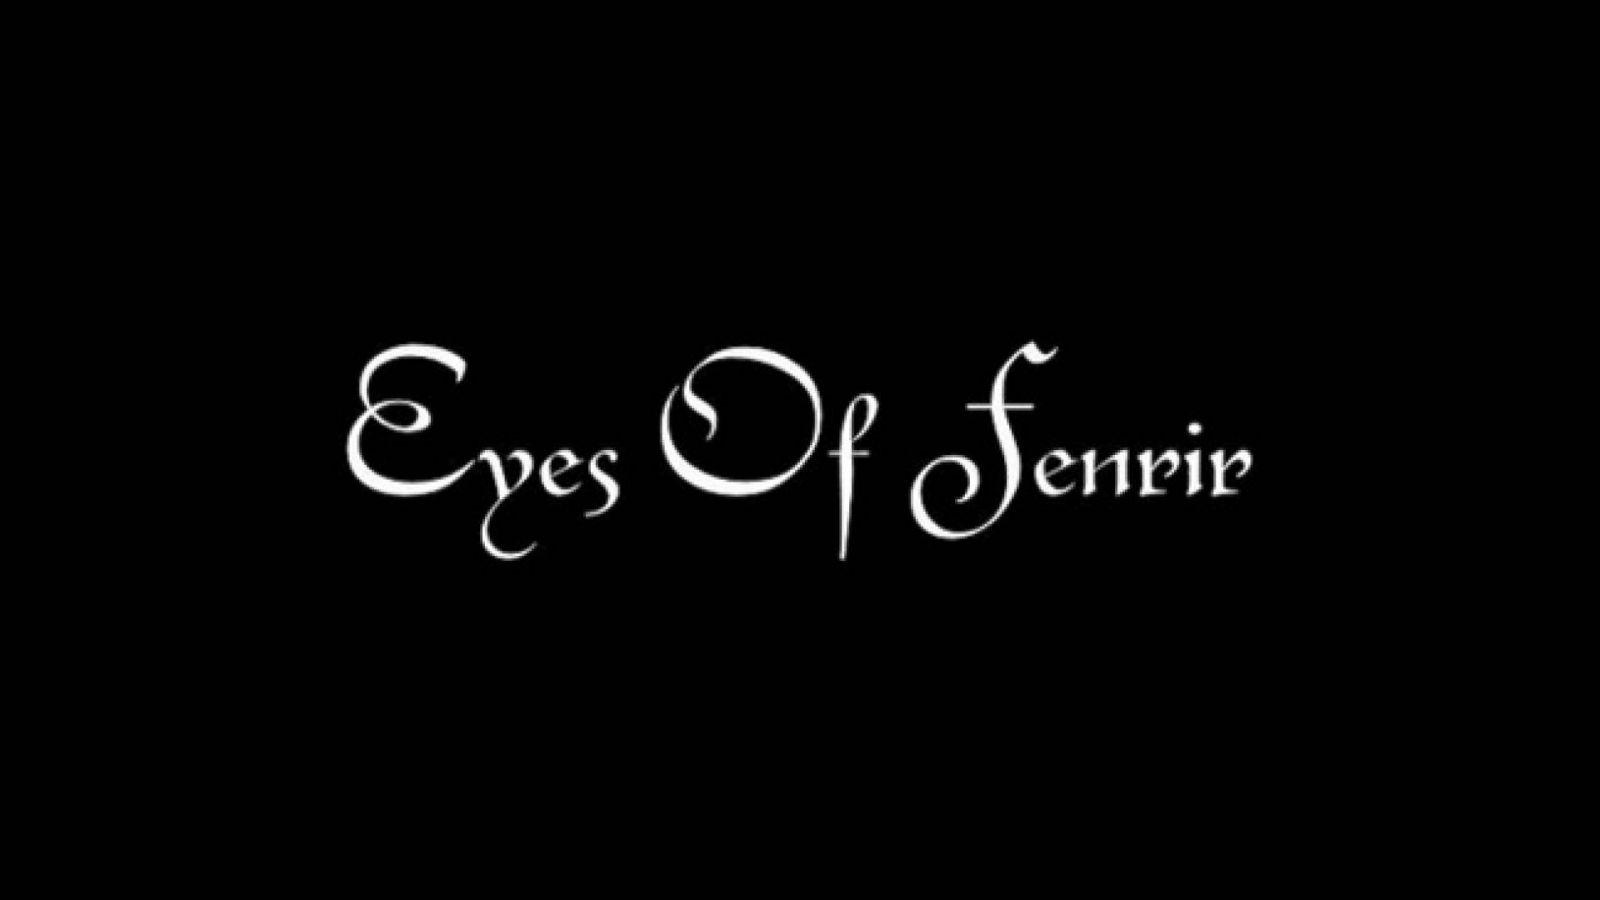 Eyes Of Fenrir © Eyes of Fenrir